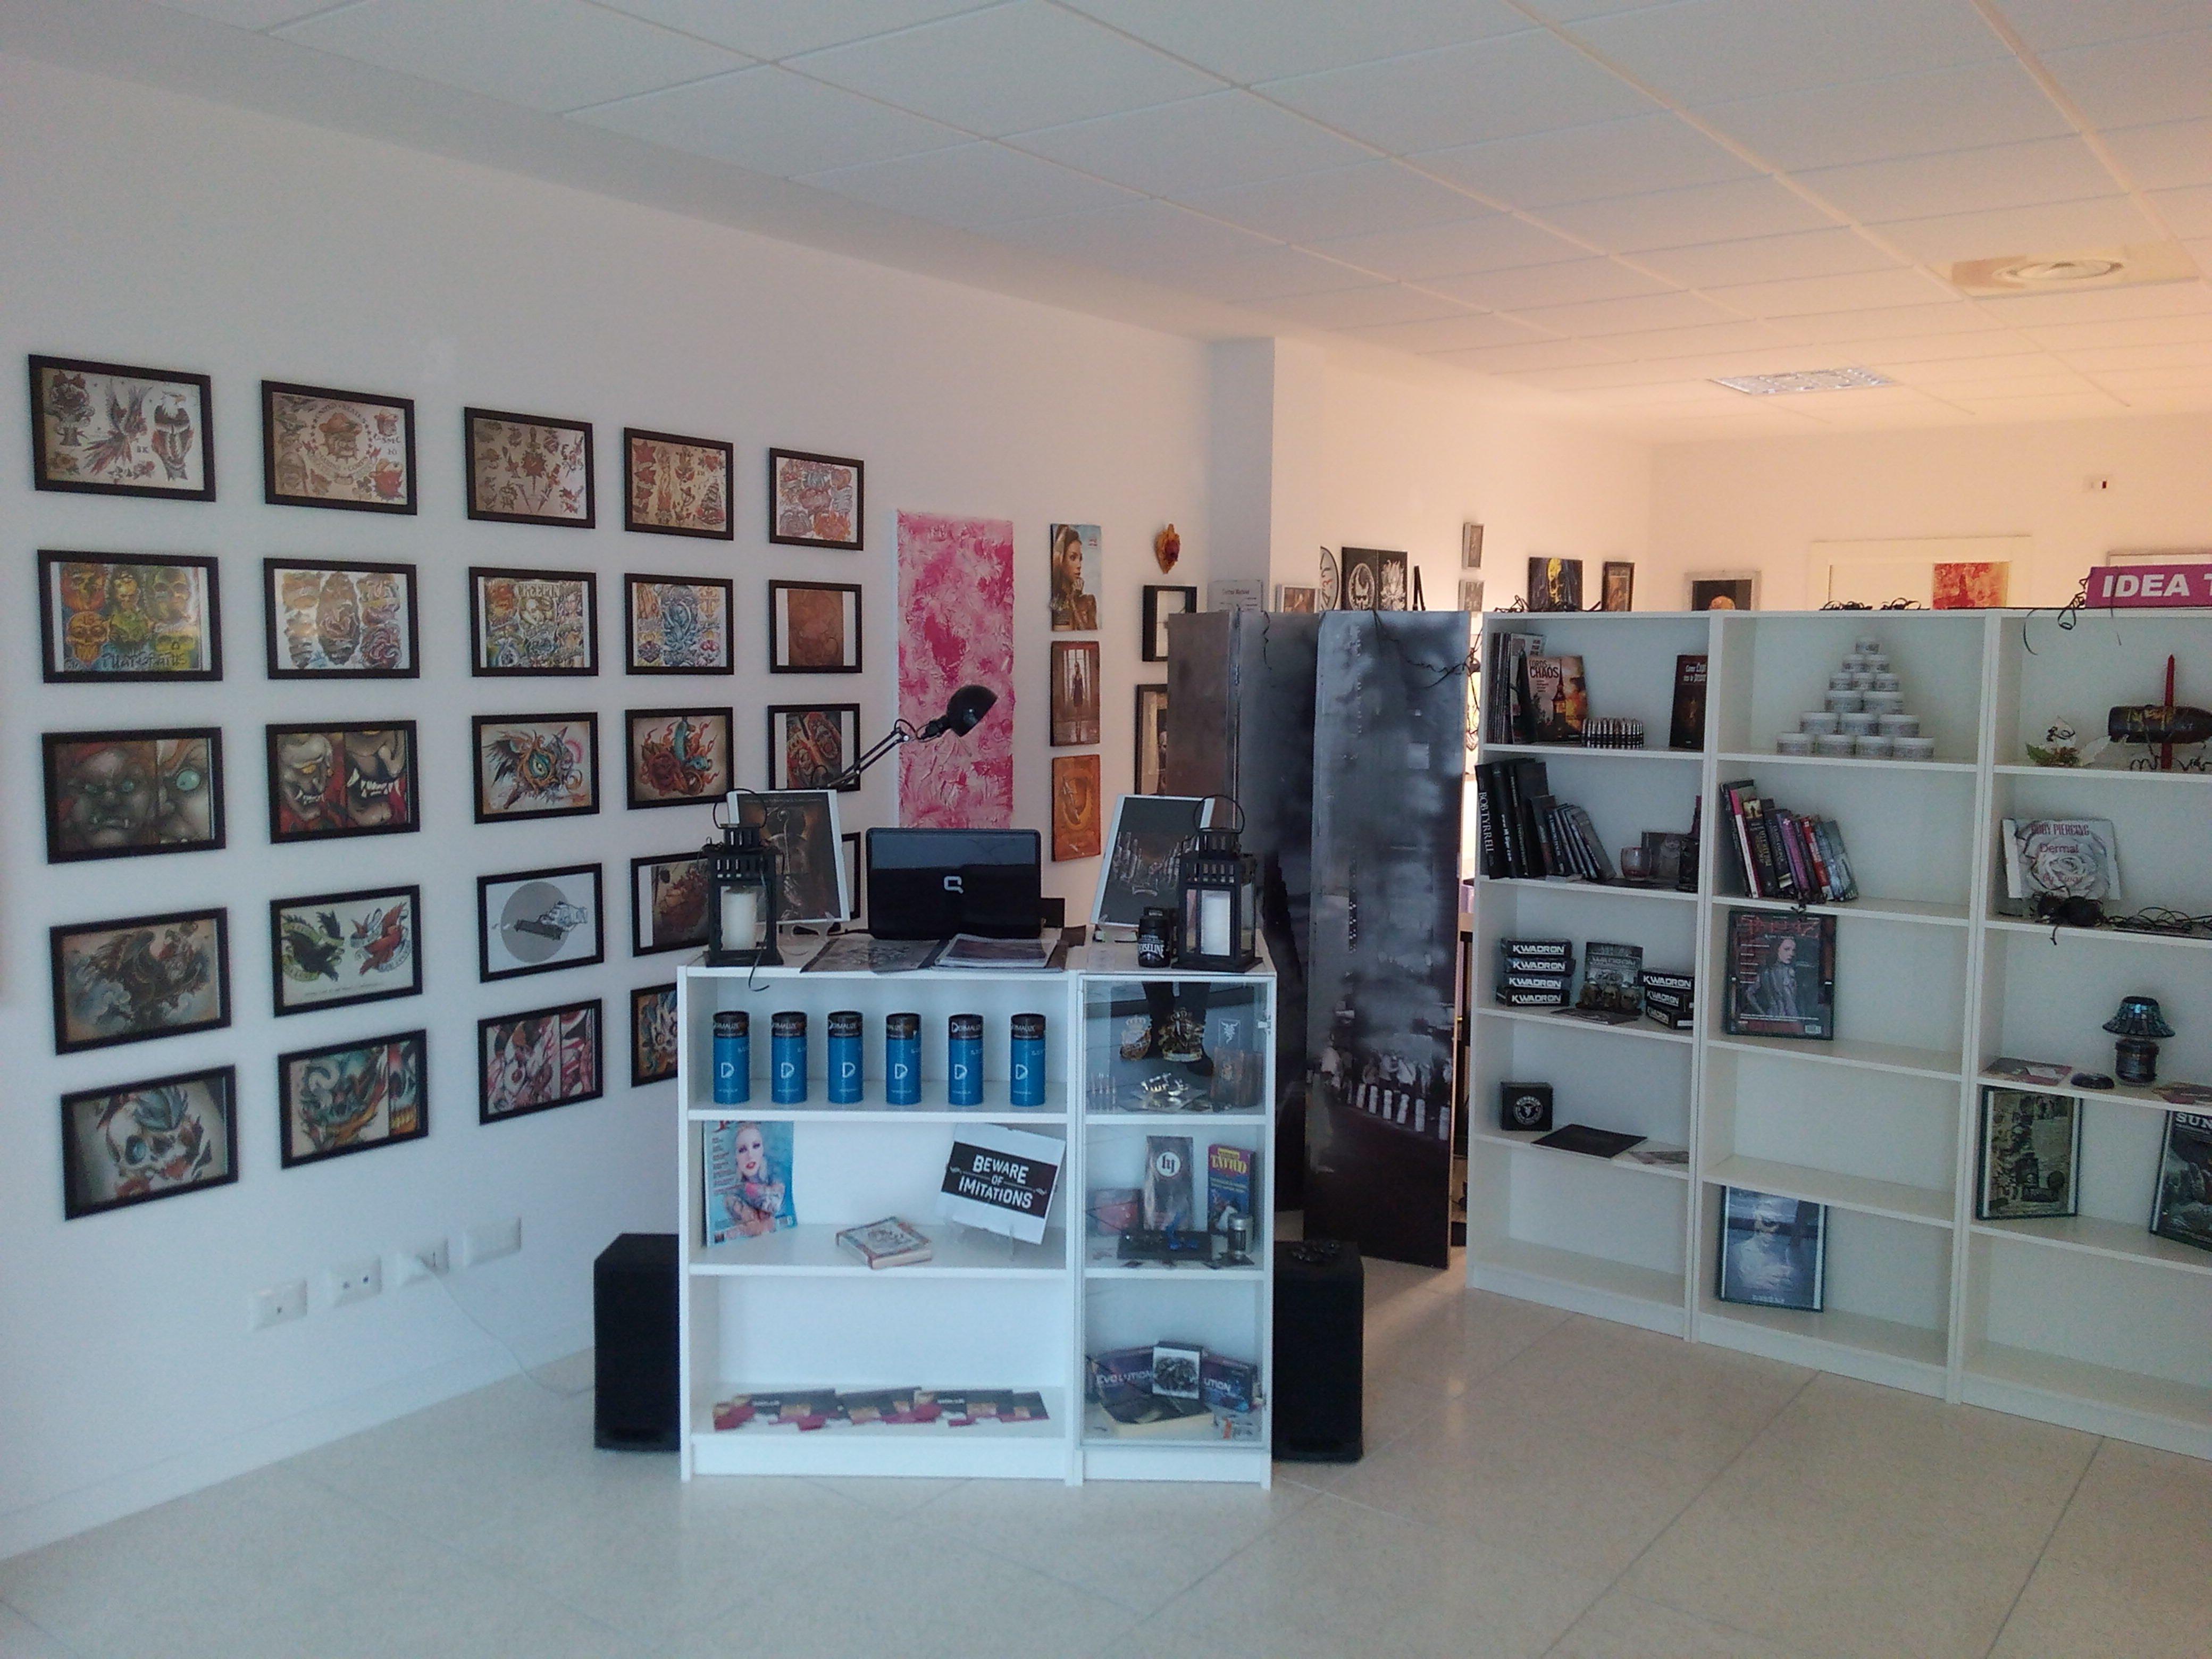 interno del negozio con una scrivania vetrina bianca con sopra un monitor, sulla sinistra dei quadretti appesi al muro che raffigurano degli esempi di tatuaggi e sulla destra uno scaffale con degli oggetti